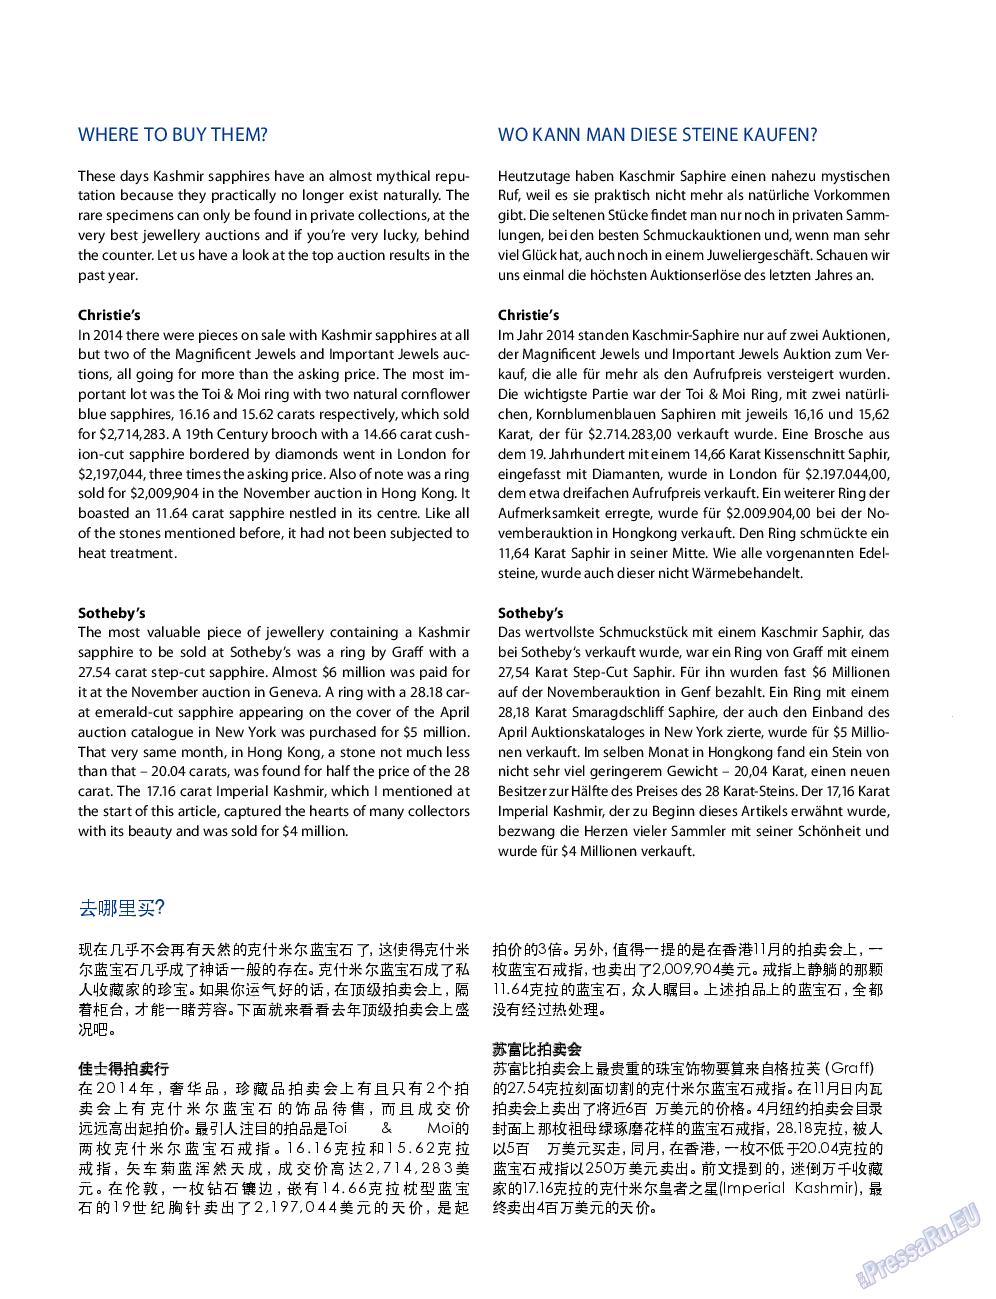 Клан (журнал). 2015 год, номер 8, стр. 132